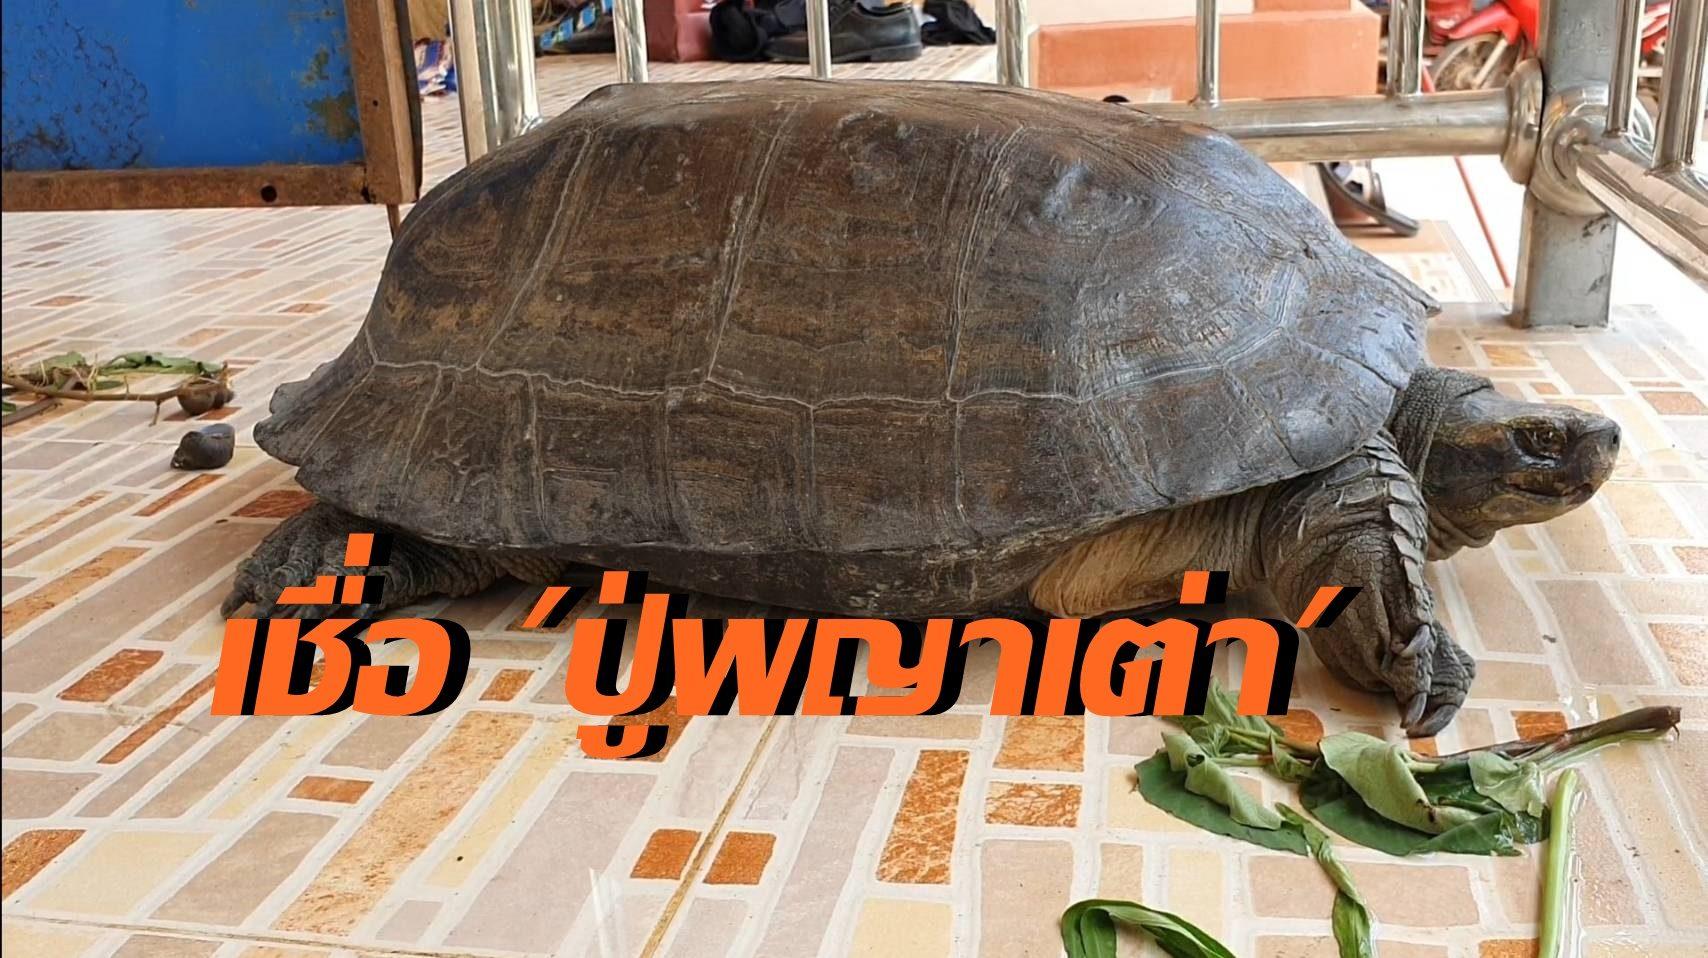 เต่าผงกหัวรับคำเชิญ ชาวบ้านรีบนำกลับ เชื่อเป็นปู่พญาเต่ามาให้โชคใกล้วันหวยออก